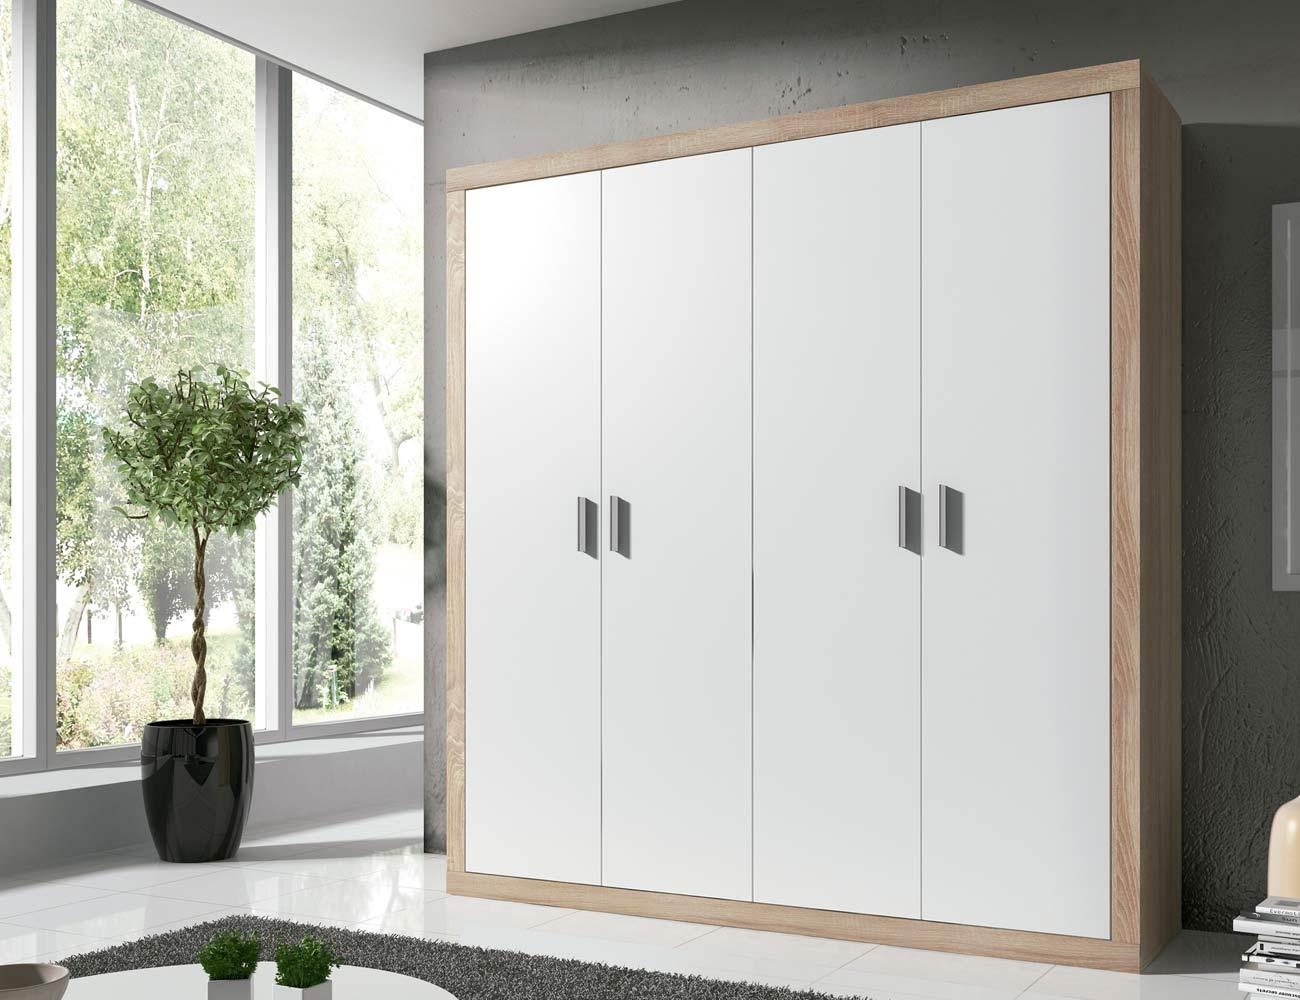 Detalle armario puertas abatibles cambrian blanco3